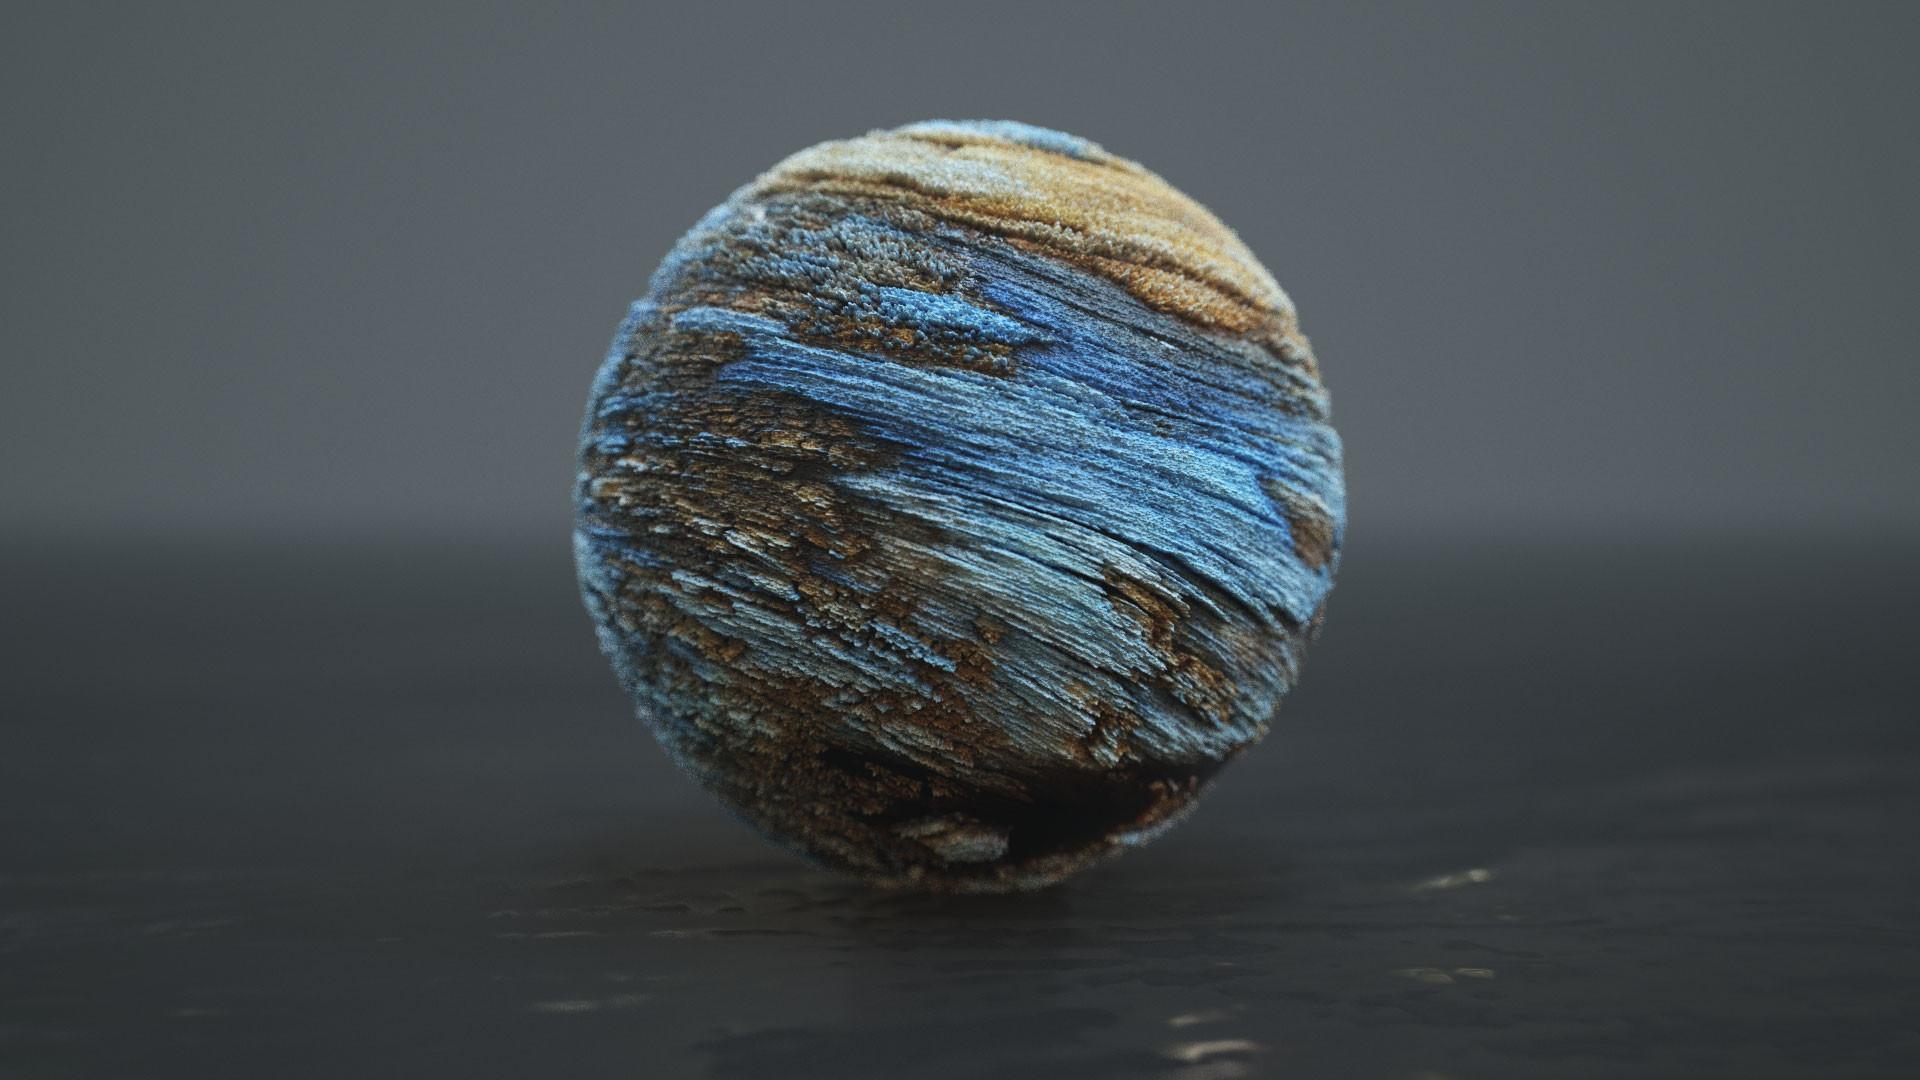 Ry cloze newworld51